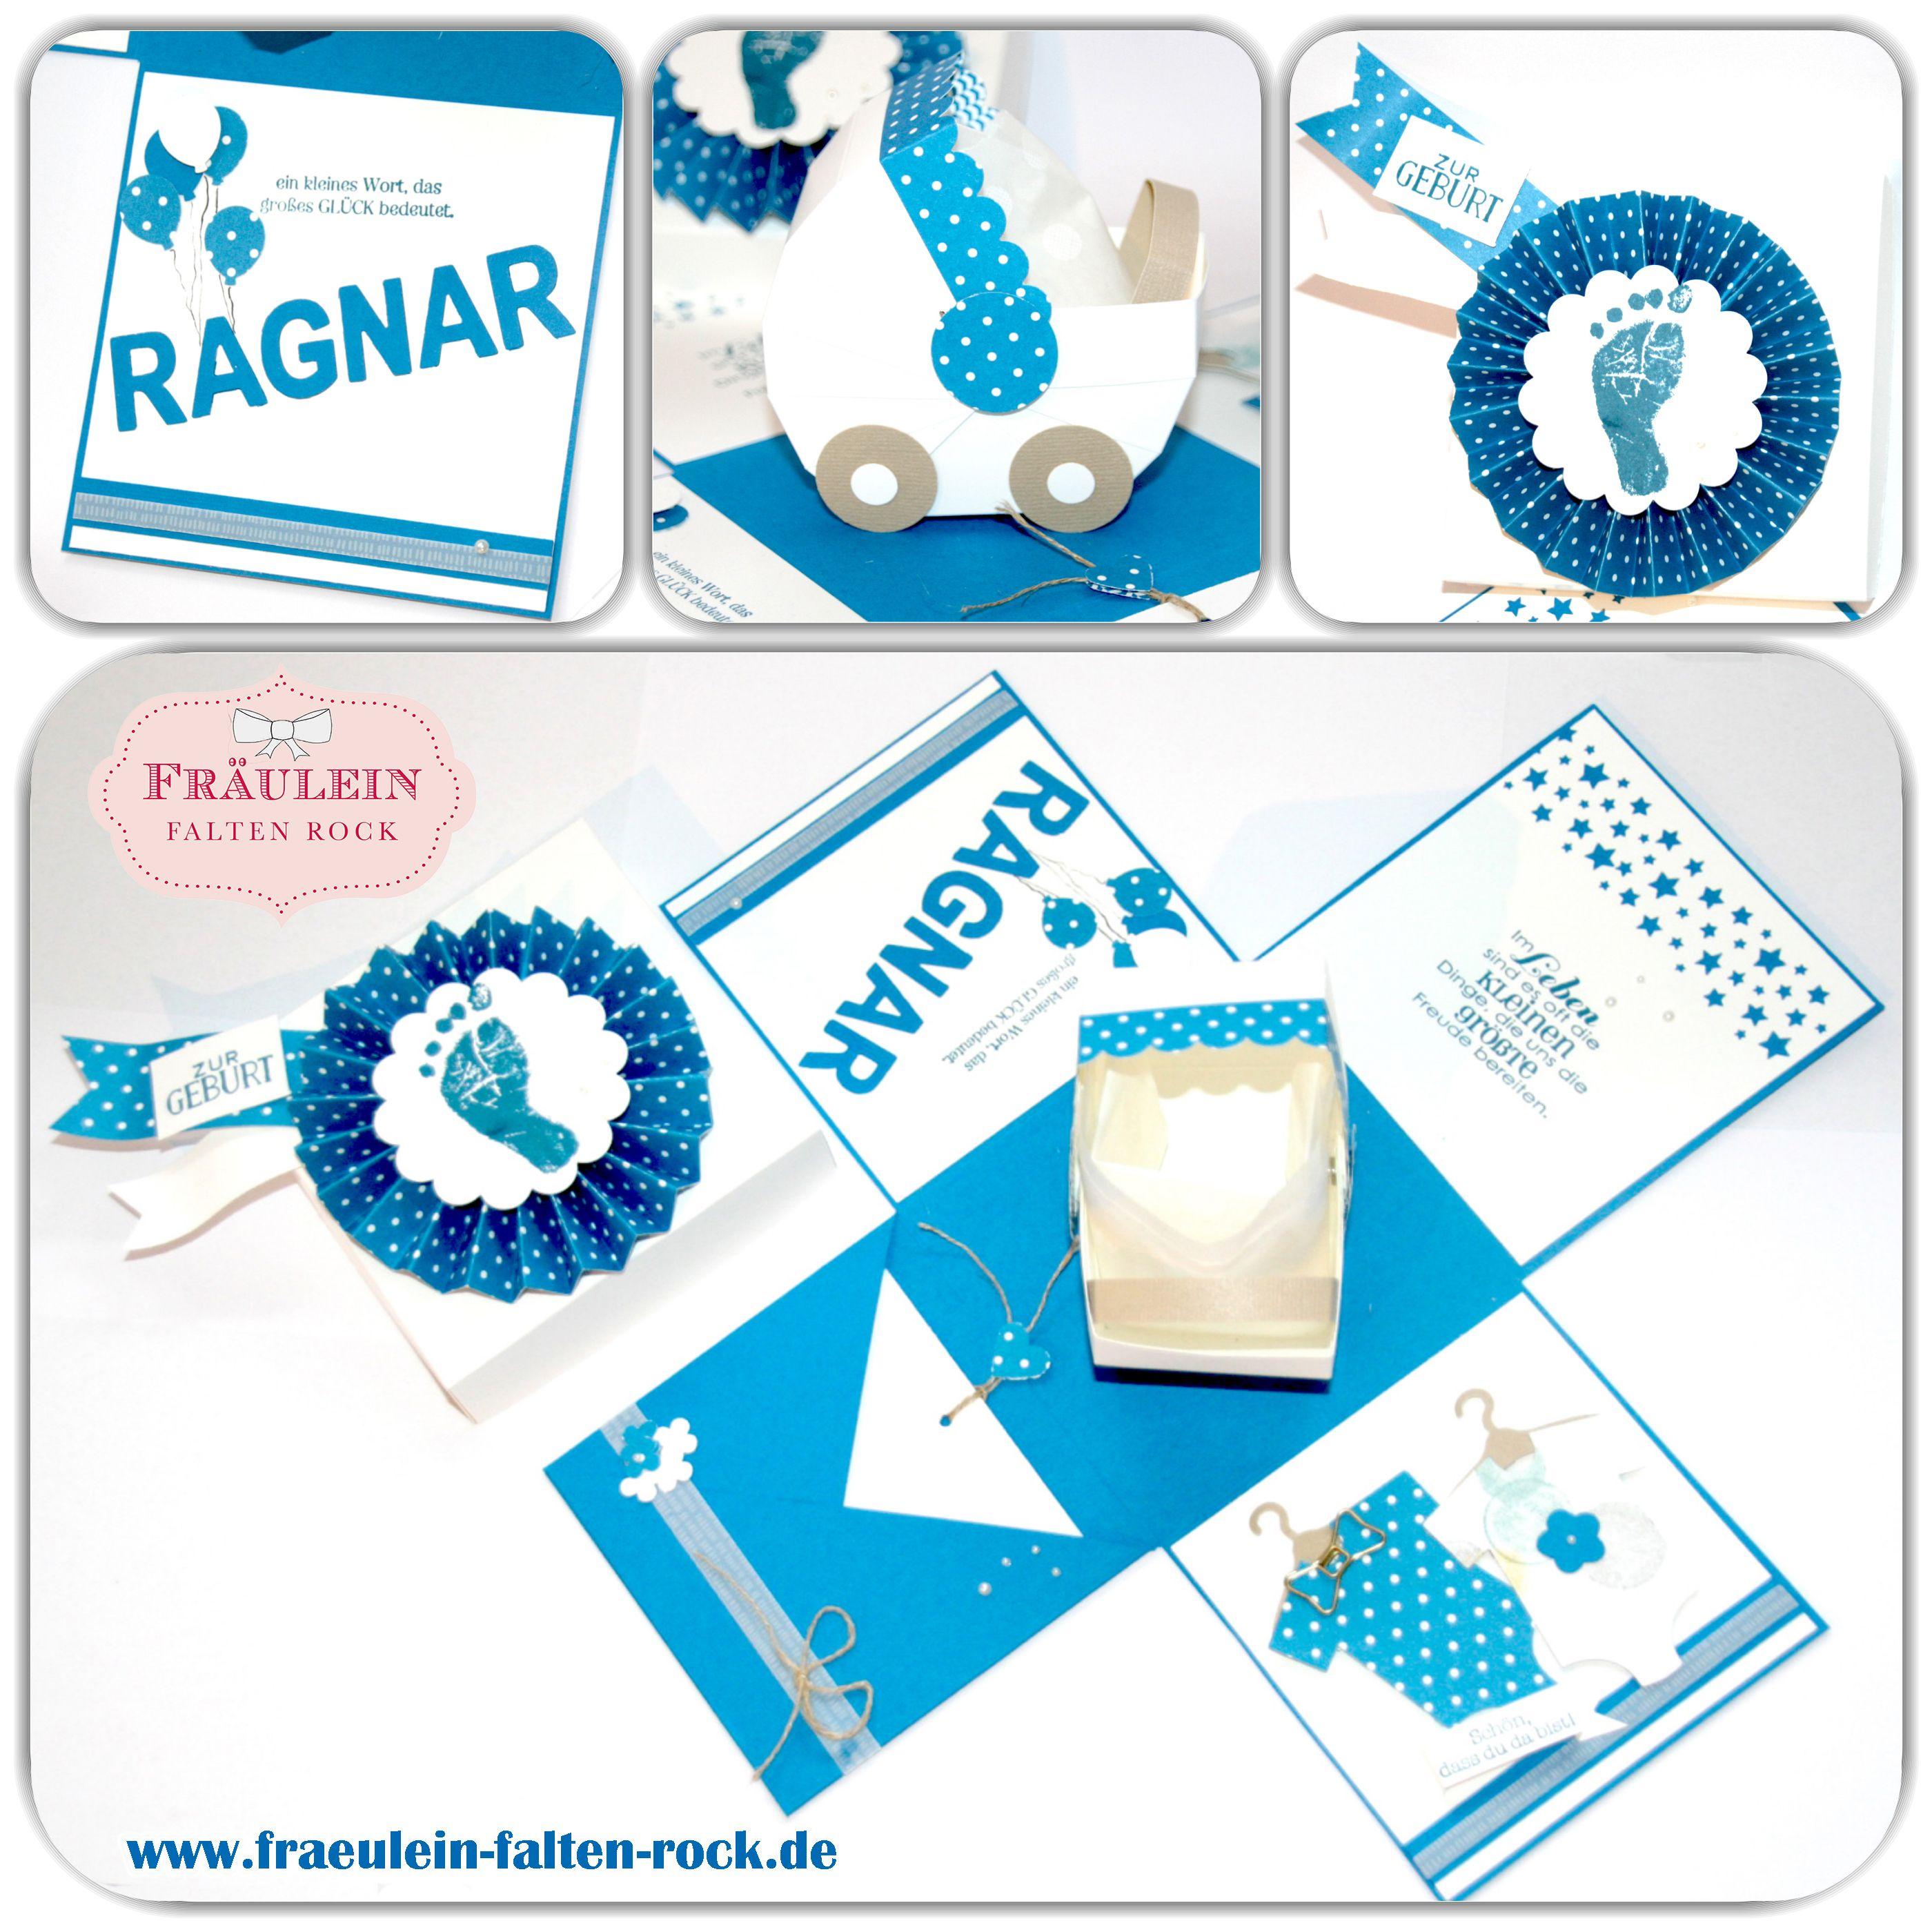 Heute zeige ich euch eine Explosionsbox für einen Jungen zur Geburt. Die Box sollte in den typischen Jungenfarben sein. Somit habe ich Pazifikblau mit Flüsterweiß kombiniert. Die Box ist mit viel liebe gewerkelt und ich hoffe Sie gefällt euch genauso gut wie mir.  #stampinup, #geburt #baby #box #explosionsbox #fürsbaby #geschenk #kinderwagen #babybody #zurgeburt #babygeschenk #geldgeschenk #geld #kind